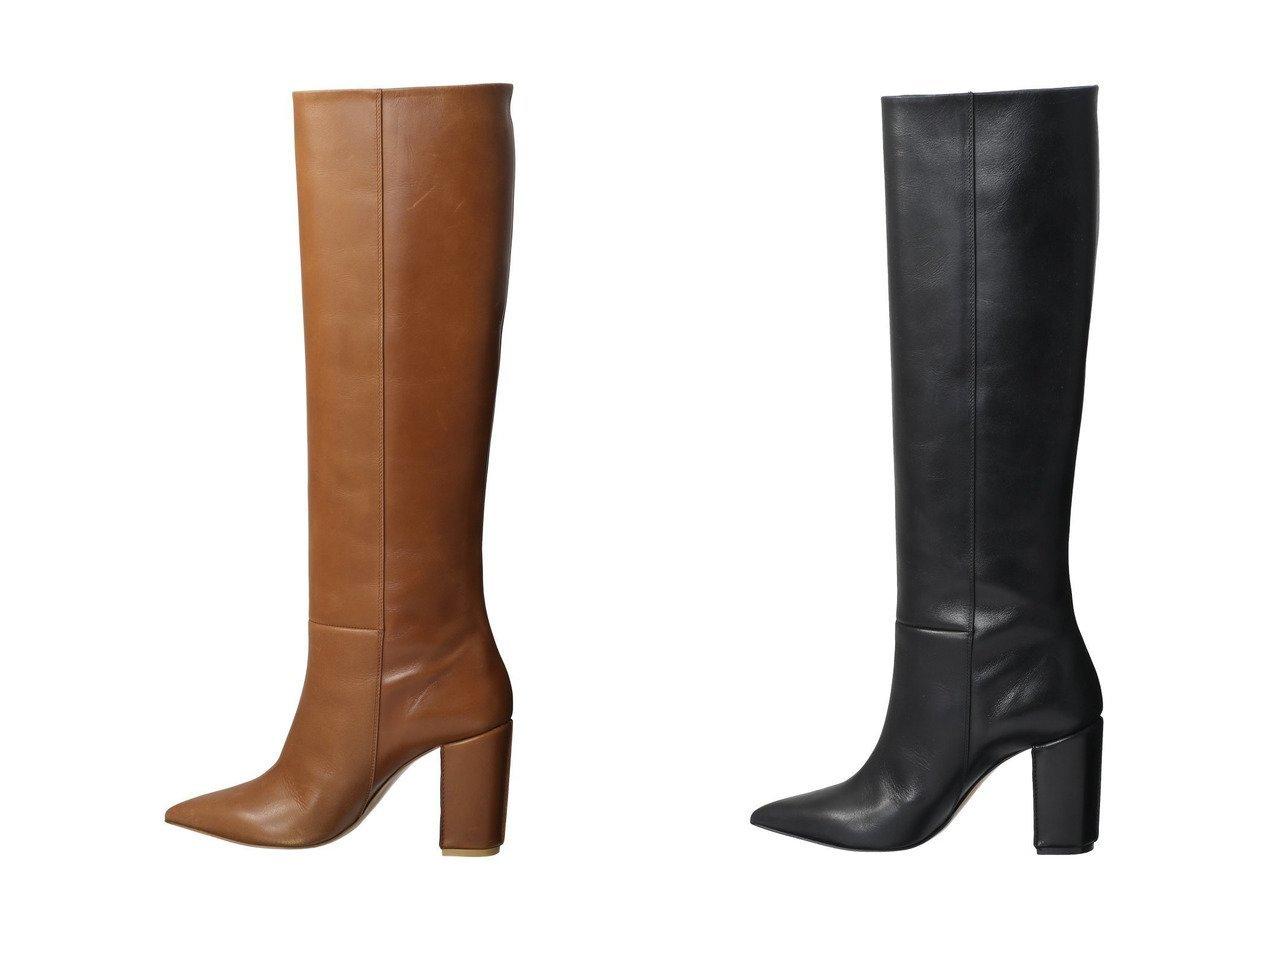 【Pippichic/ピッピシック】のポインテッドトゥロングブーツ 【シューズ・靴】おすすめ!人気、トレンド・レディースファッションの通販 おすすめで人気の流行・トレンド、ファッションの通販商品 インテリア・家具・メンズファッション・キッズファッション・レディースファッション・服の通販 founy(ファニー) https://founy.com/ ファッション Fashion レディースファッション WOMEN 2021年 2021 2021-2022秋冬・A/W AW・Autumn/Winter・FW・Fall-Winter・2021-2022 A/W・秋冬 AW・Autumn/Winter・FW・Fall-Winter スマート ロング |ID:crp329100000053501